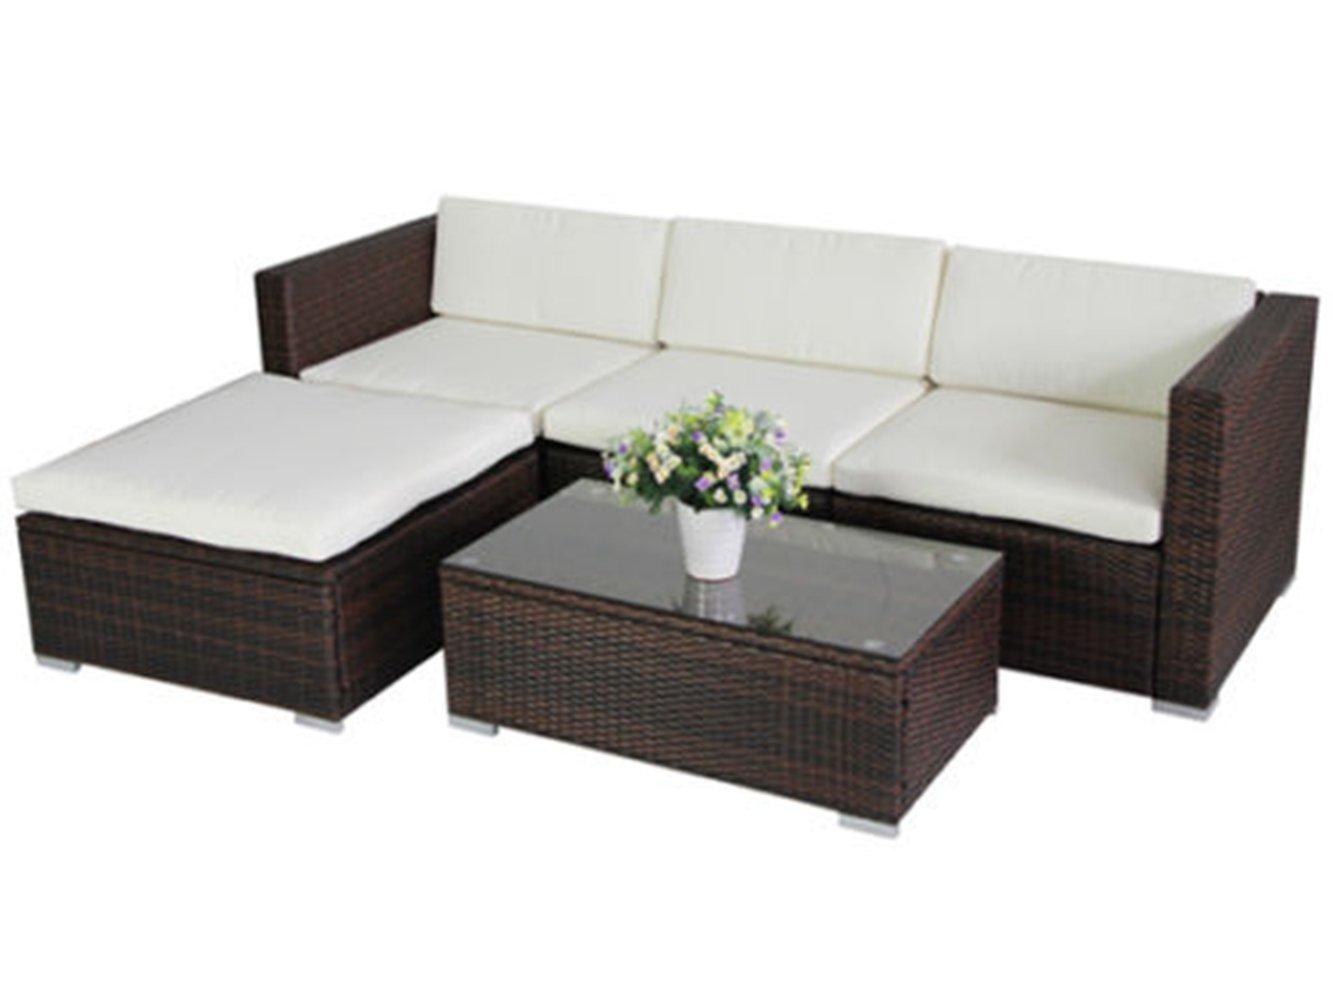 SSITG POLY RATTAN Lounge Gartenset braun Sofa Garten Garnitur Polyrattan Gartenmöbel